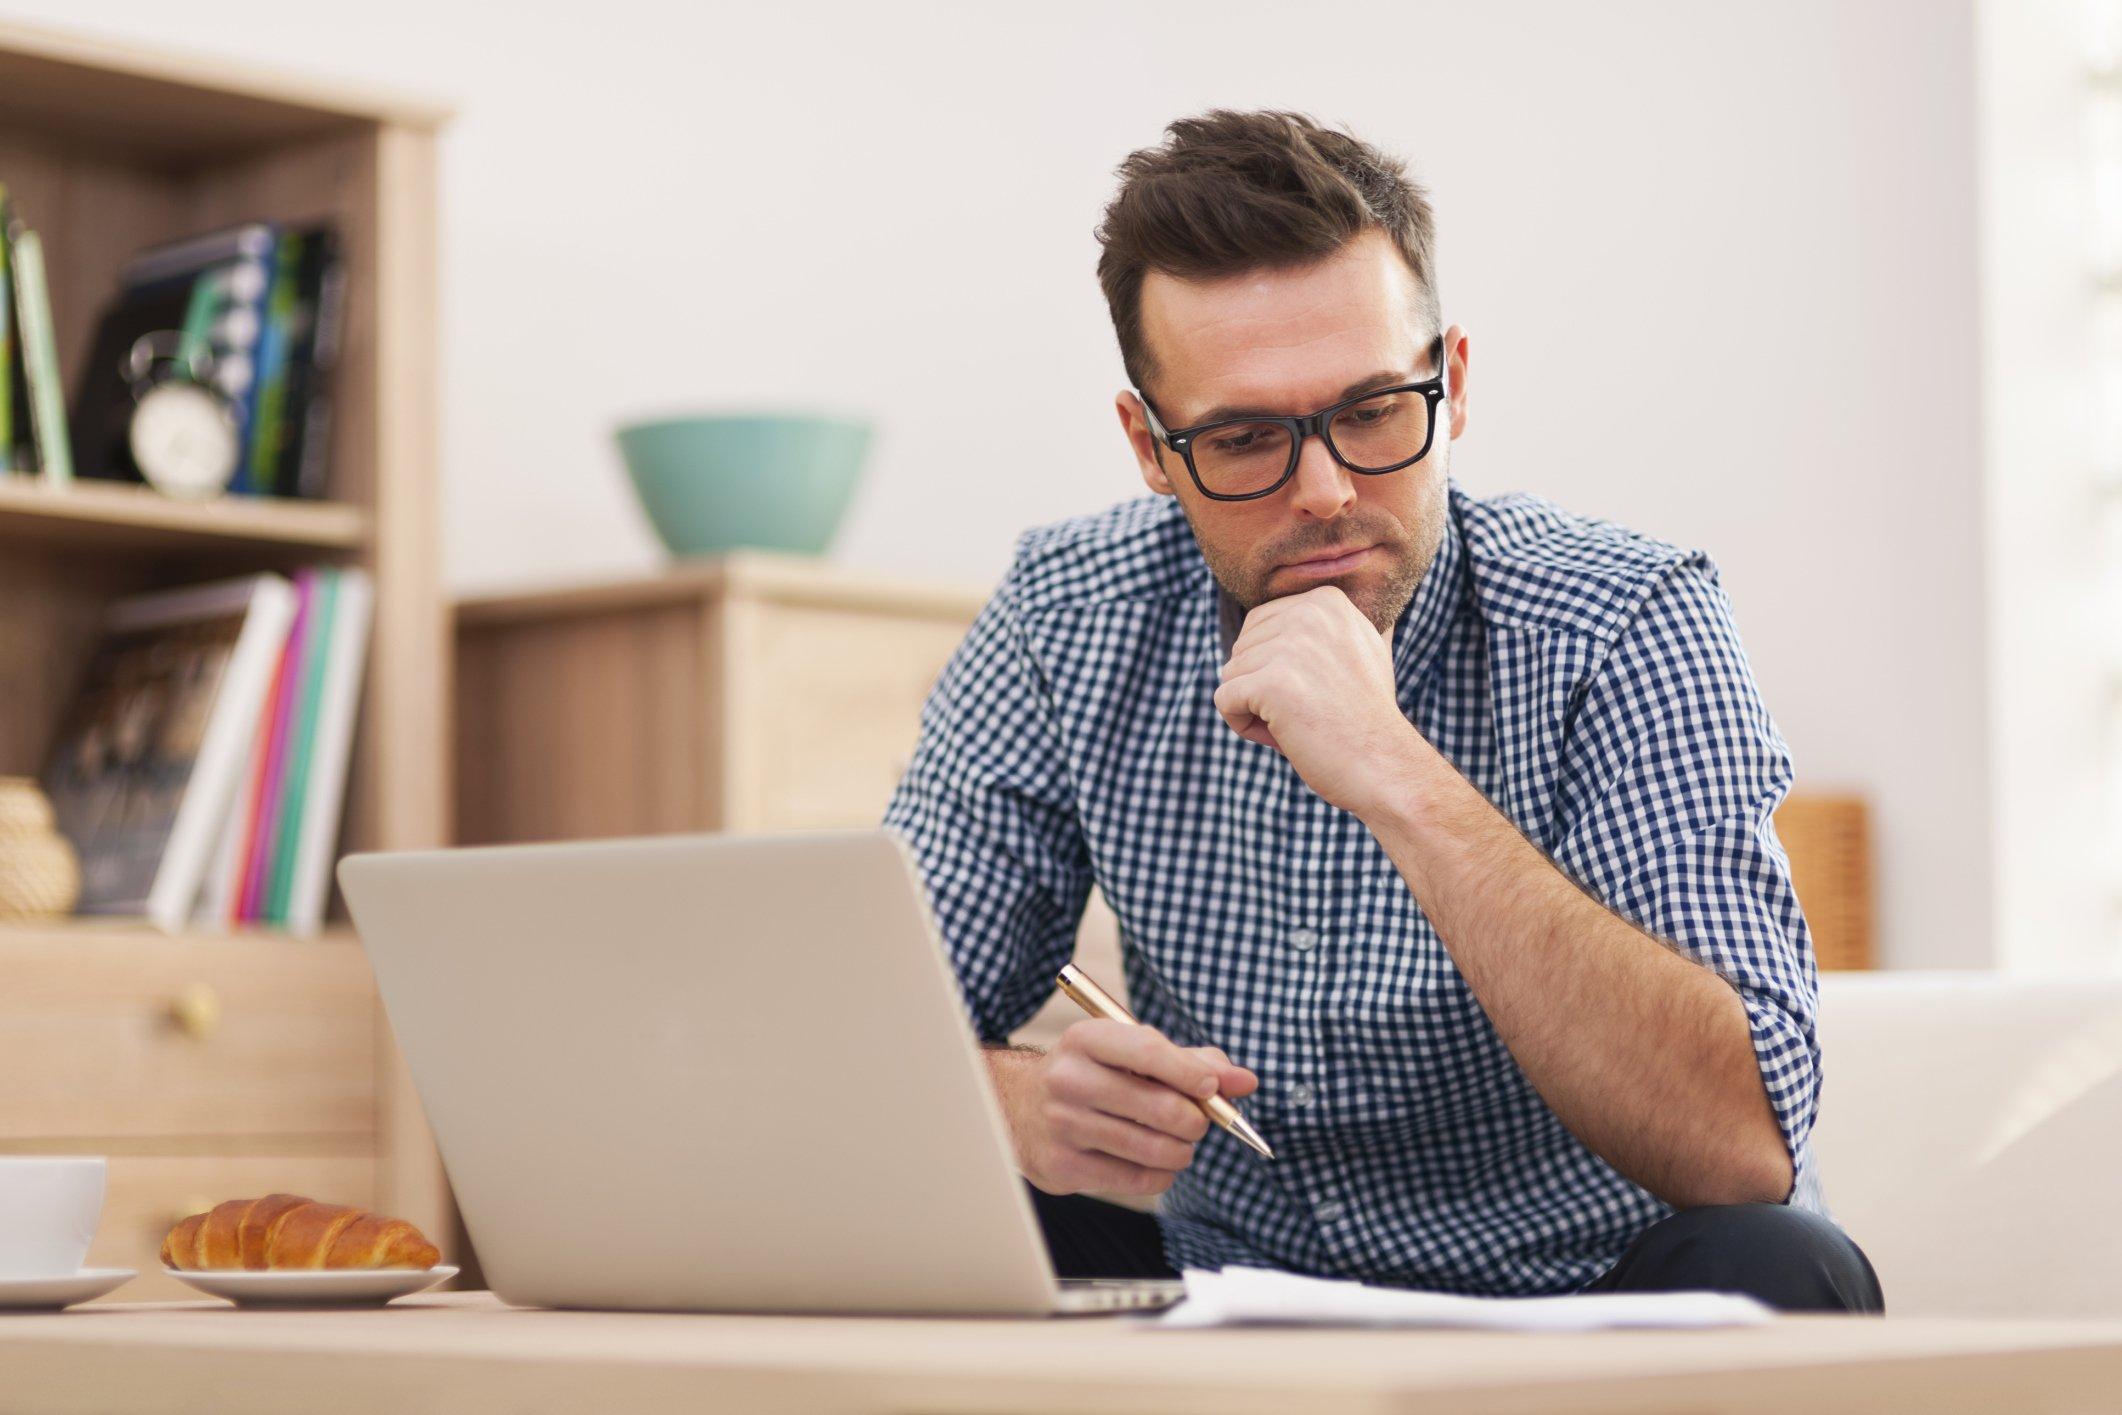 ¿Incluir mi emprendimiento en el CV puede jugar en contra?